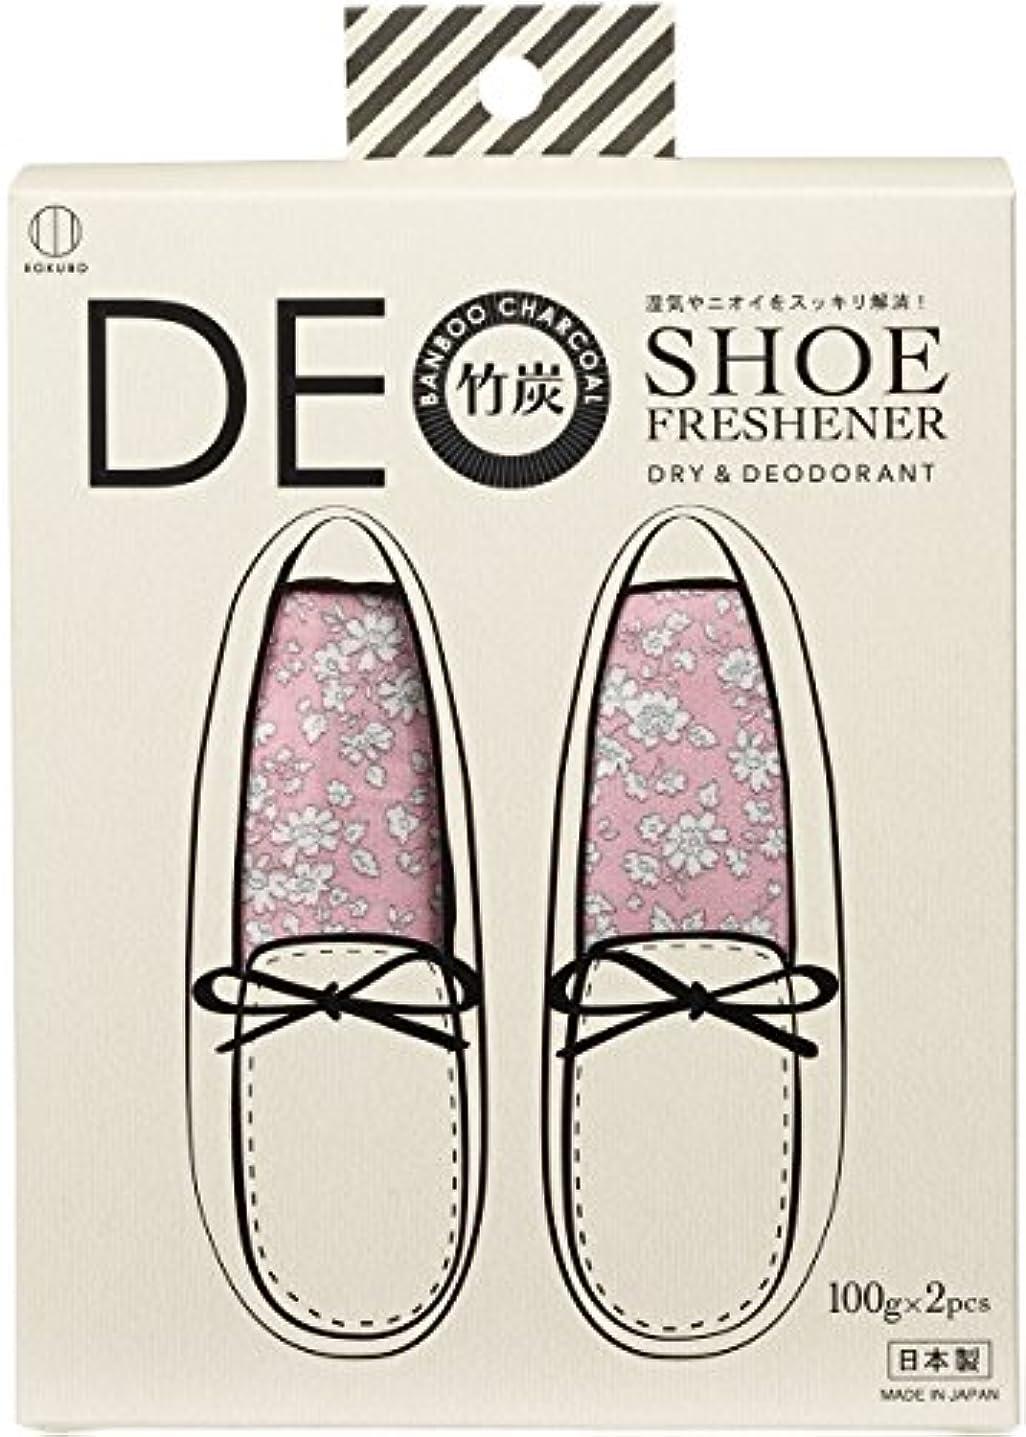 プレゼンターベンチャーベッド小久保工業所 靴 消臭剤 竹炭 シューフレッシュナー 脱臭剤 (100g×2個) ピンク